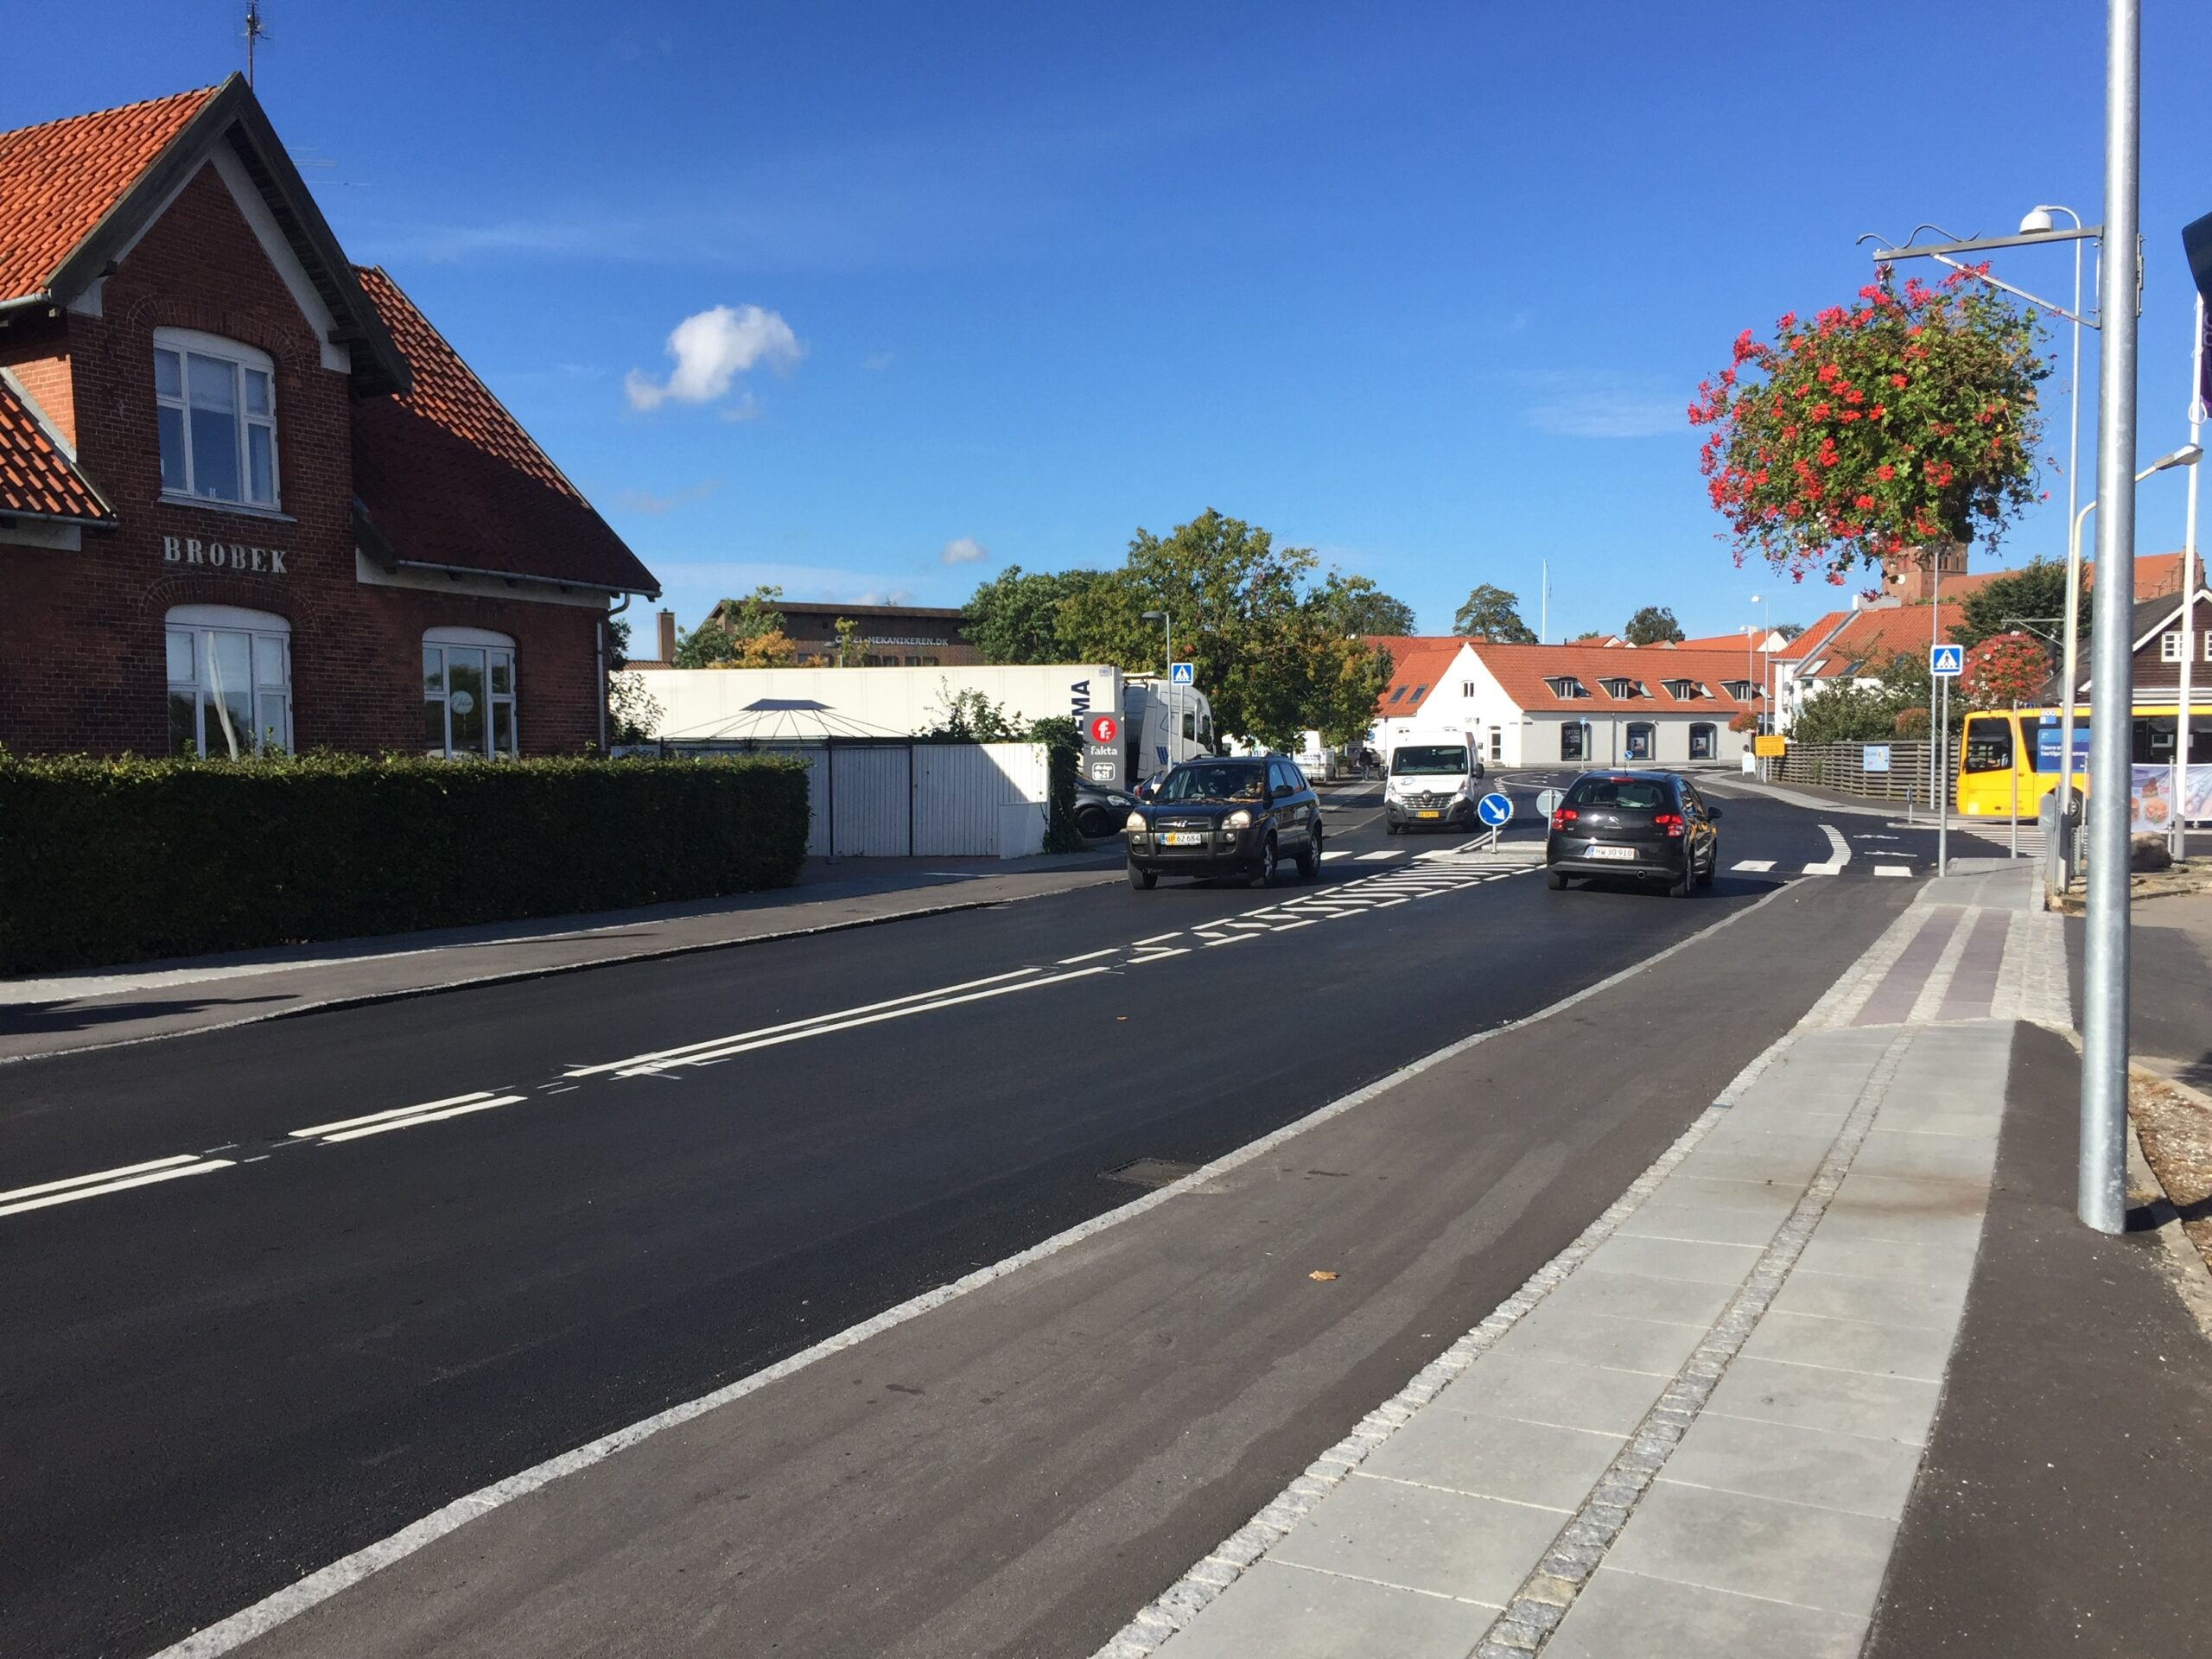 Brobæksgade i Slangerupe er ombygget, så de bløde trafikanter tilgodeses. Via Trafik har hjulpet med opgaven.